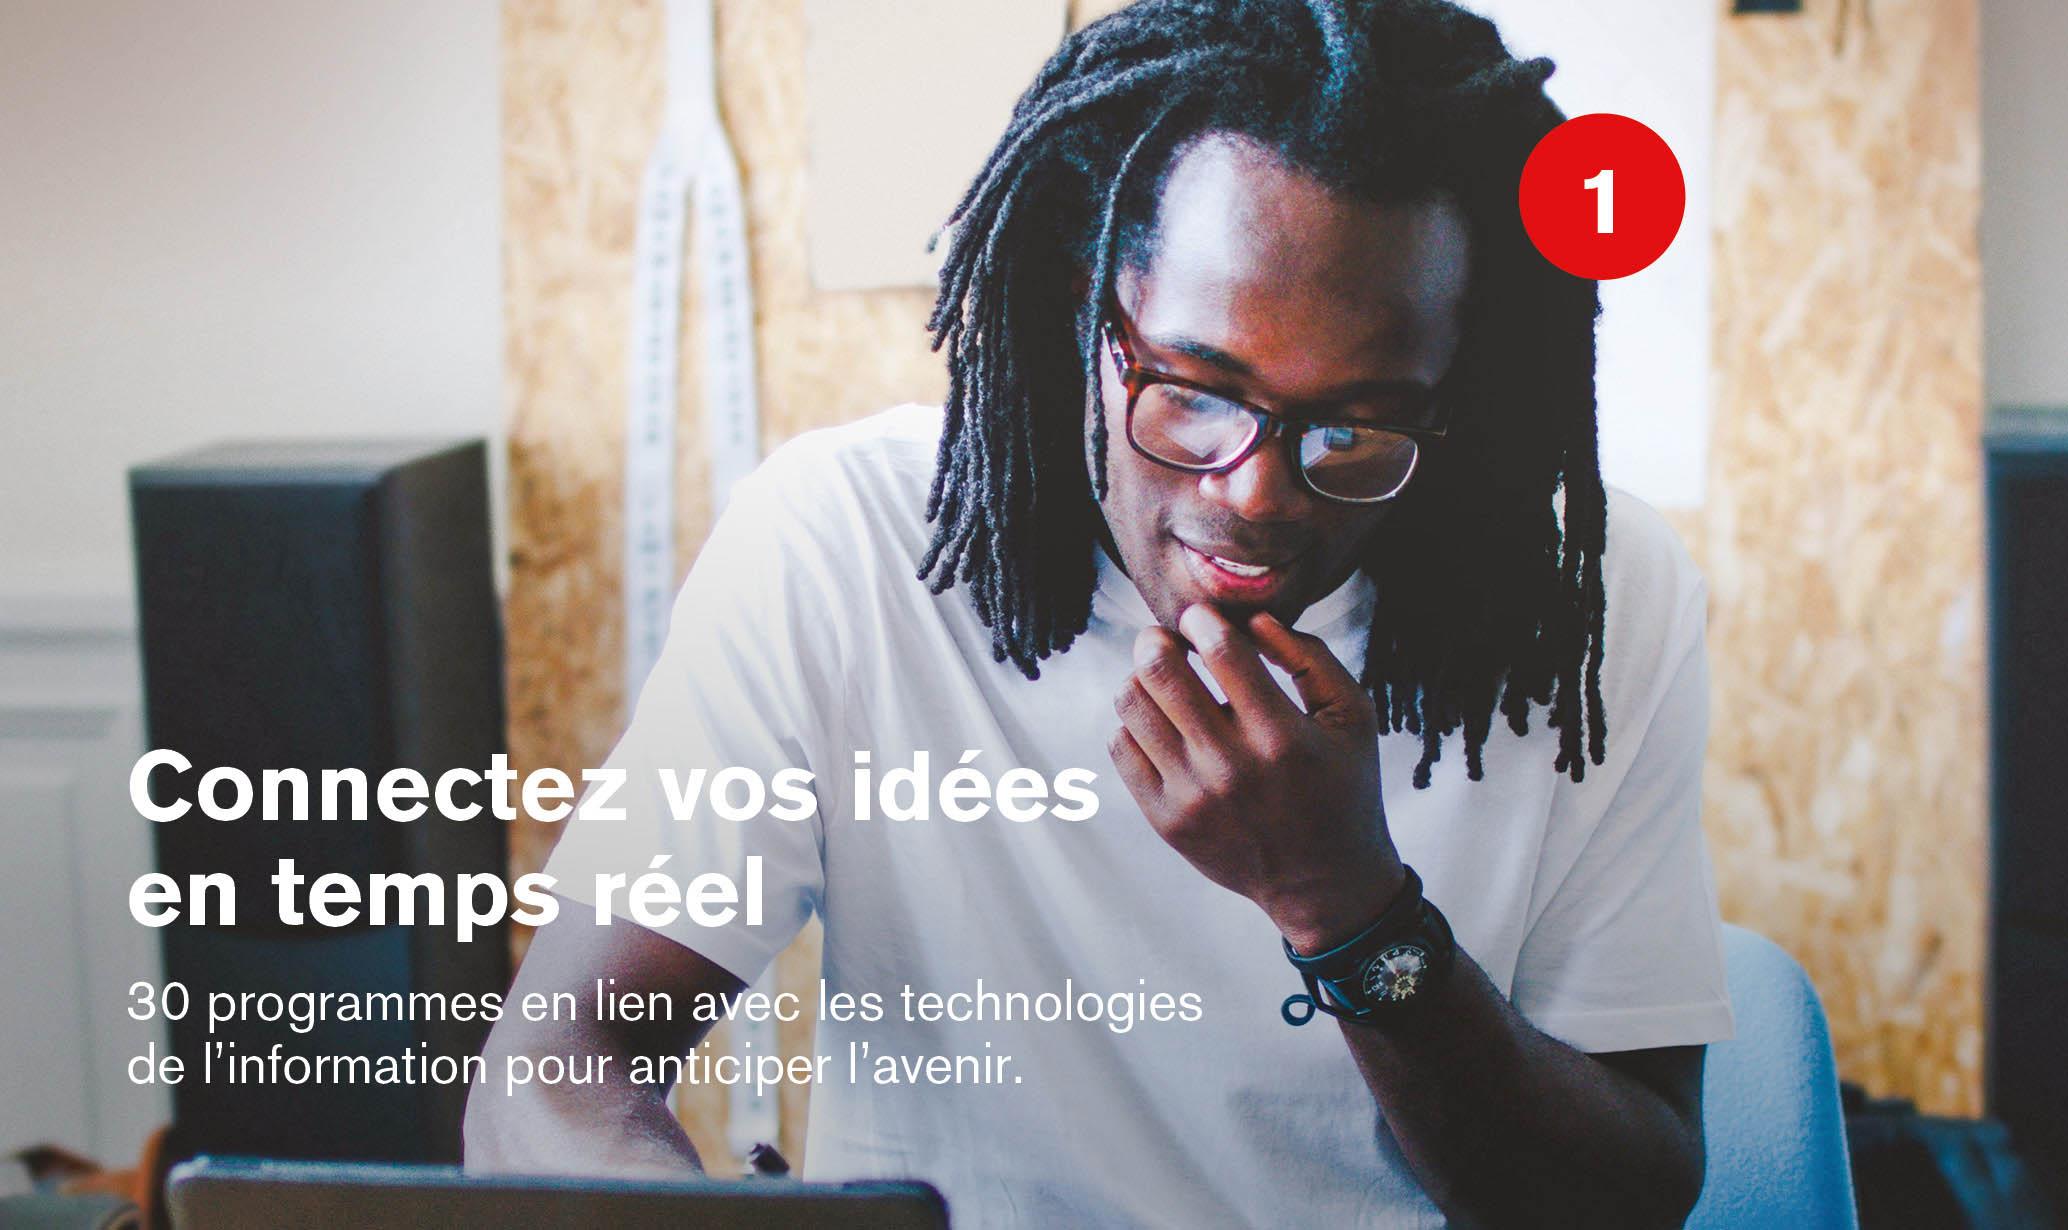 Connectez vos idées en temps réel   30 programmes en lien avec les technologies de l'information pour anticiper l'avenir.